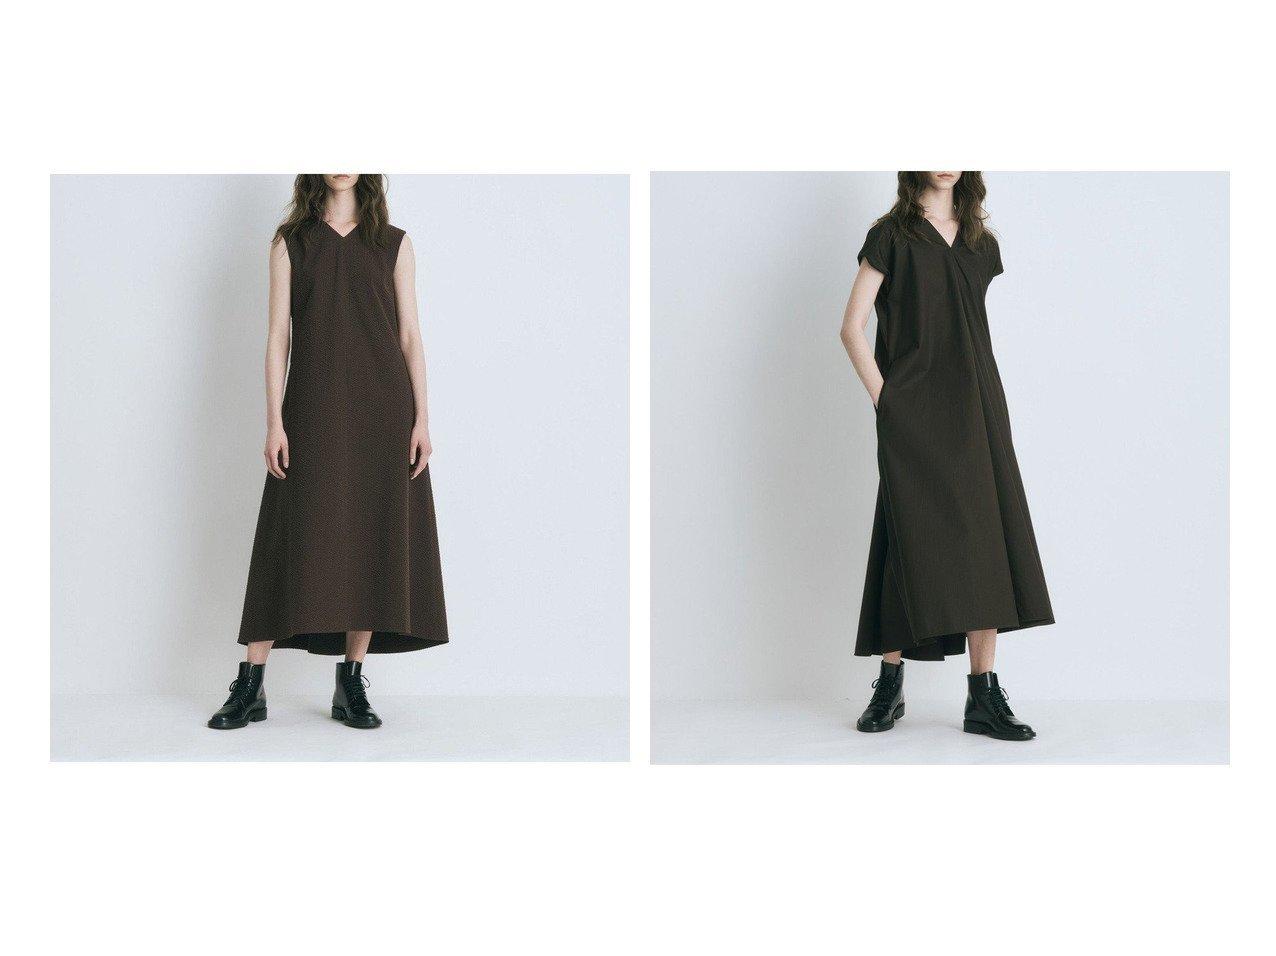 【ATON/エイトン】のCOTTON SILK SHEAR SOCCER Vネックドレス&COTTON TWILL ドレープドレス 【ワンピース・ドレス】おすすめ!人気、トレンド・レディースファッションの通販 おすすめで人気の流行・トレンド、ファッションの通販商品 インテリア・家具・メンズファッション・キッズファッション・レディースファッション・服の通販 founy(ファニー) https://founy.com/ ファッション Fashion レディースファッション WOMEN ワンピース Dress ドレス Party Dresses 送料無料 Free Shipping ドレス ドレープ ロング |ID:crp329100000055125